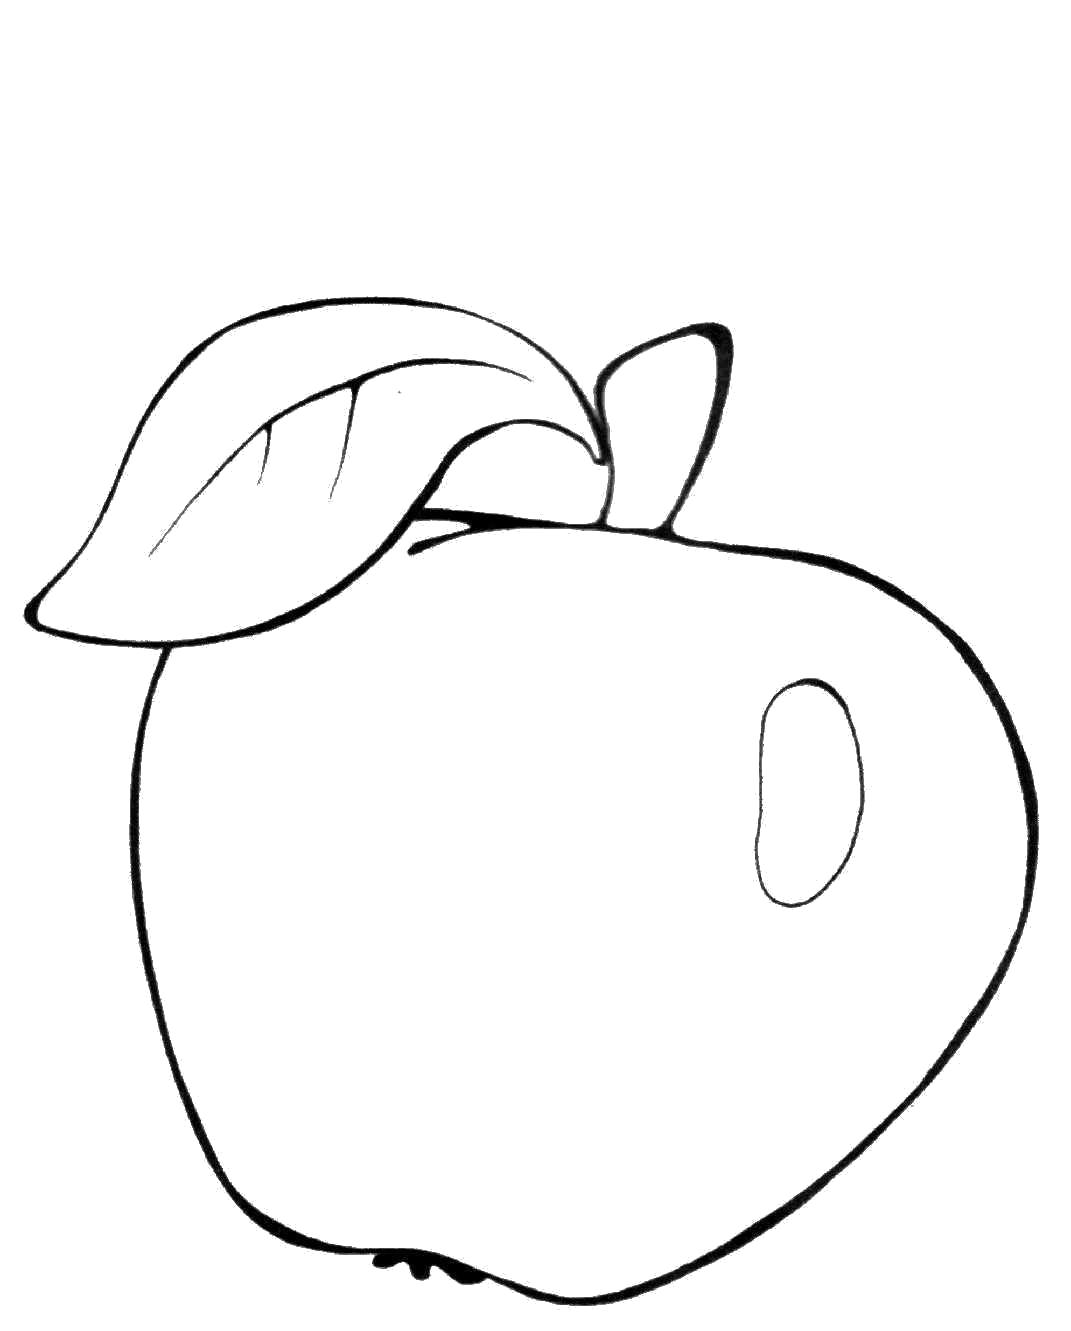 Раскраска  яблоко для детей, яблоко, овощи яблоко. Скачать яблоко.  Распечатать яблоко